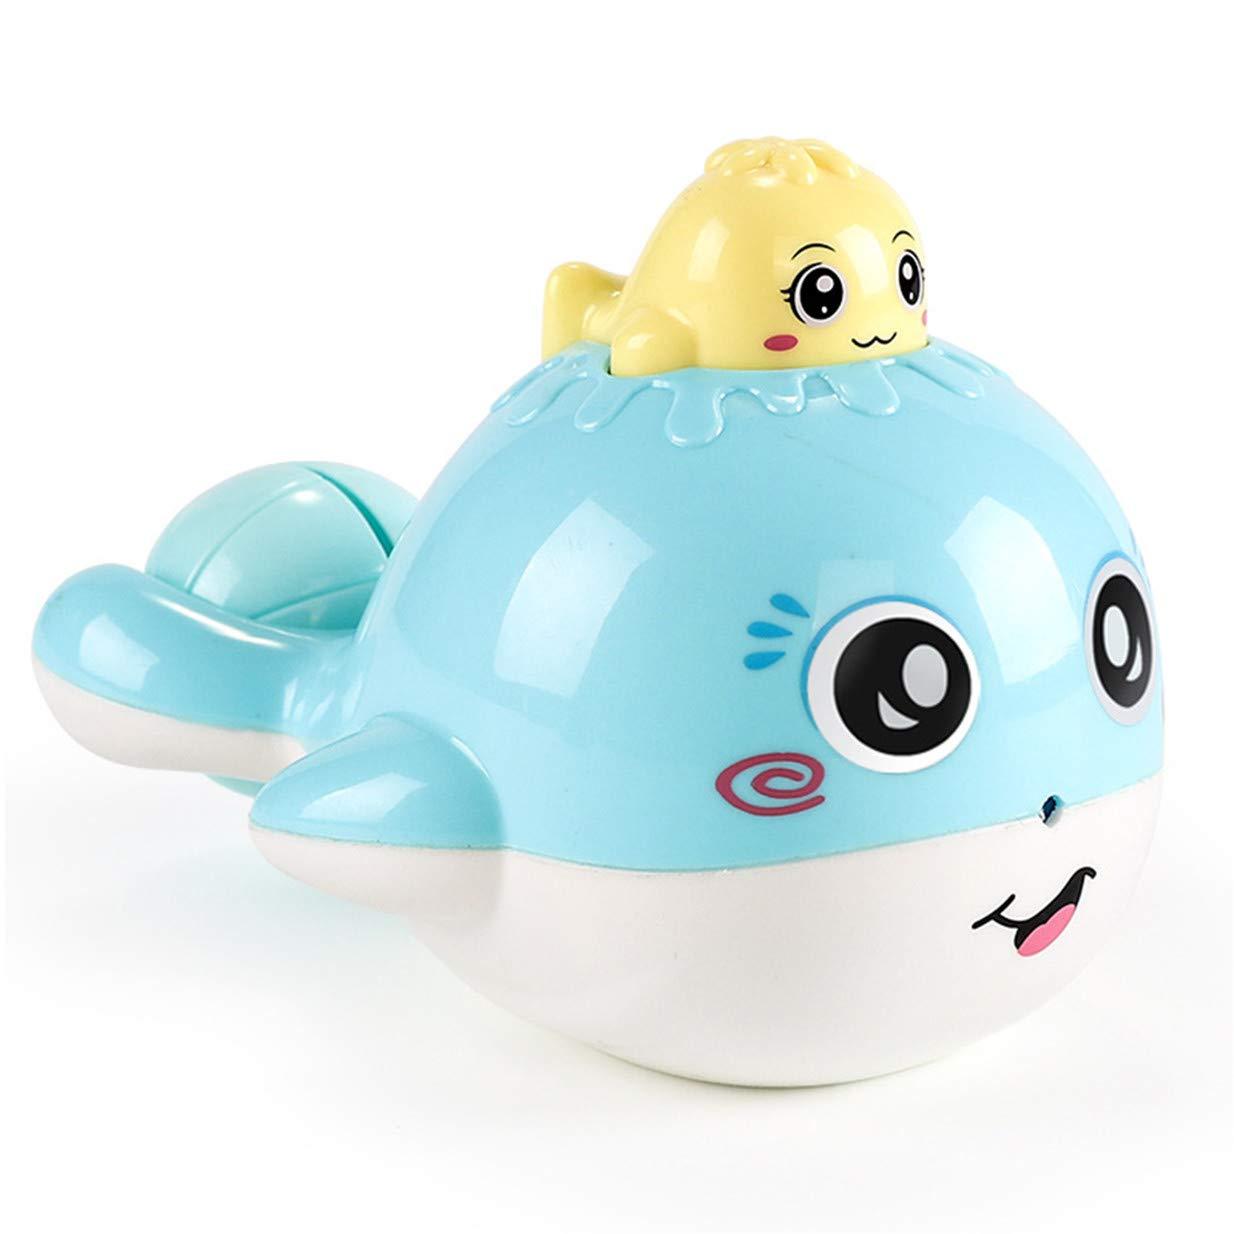 EJY Bébé Bleu Petite Baleine Enfant Jouet de Bain Douche Pulvérisation d'eau Baignoire Jouet d'eau 88_Store